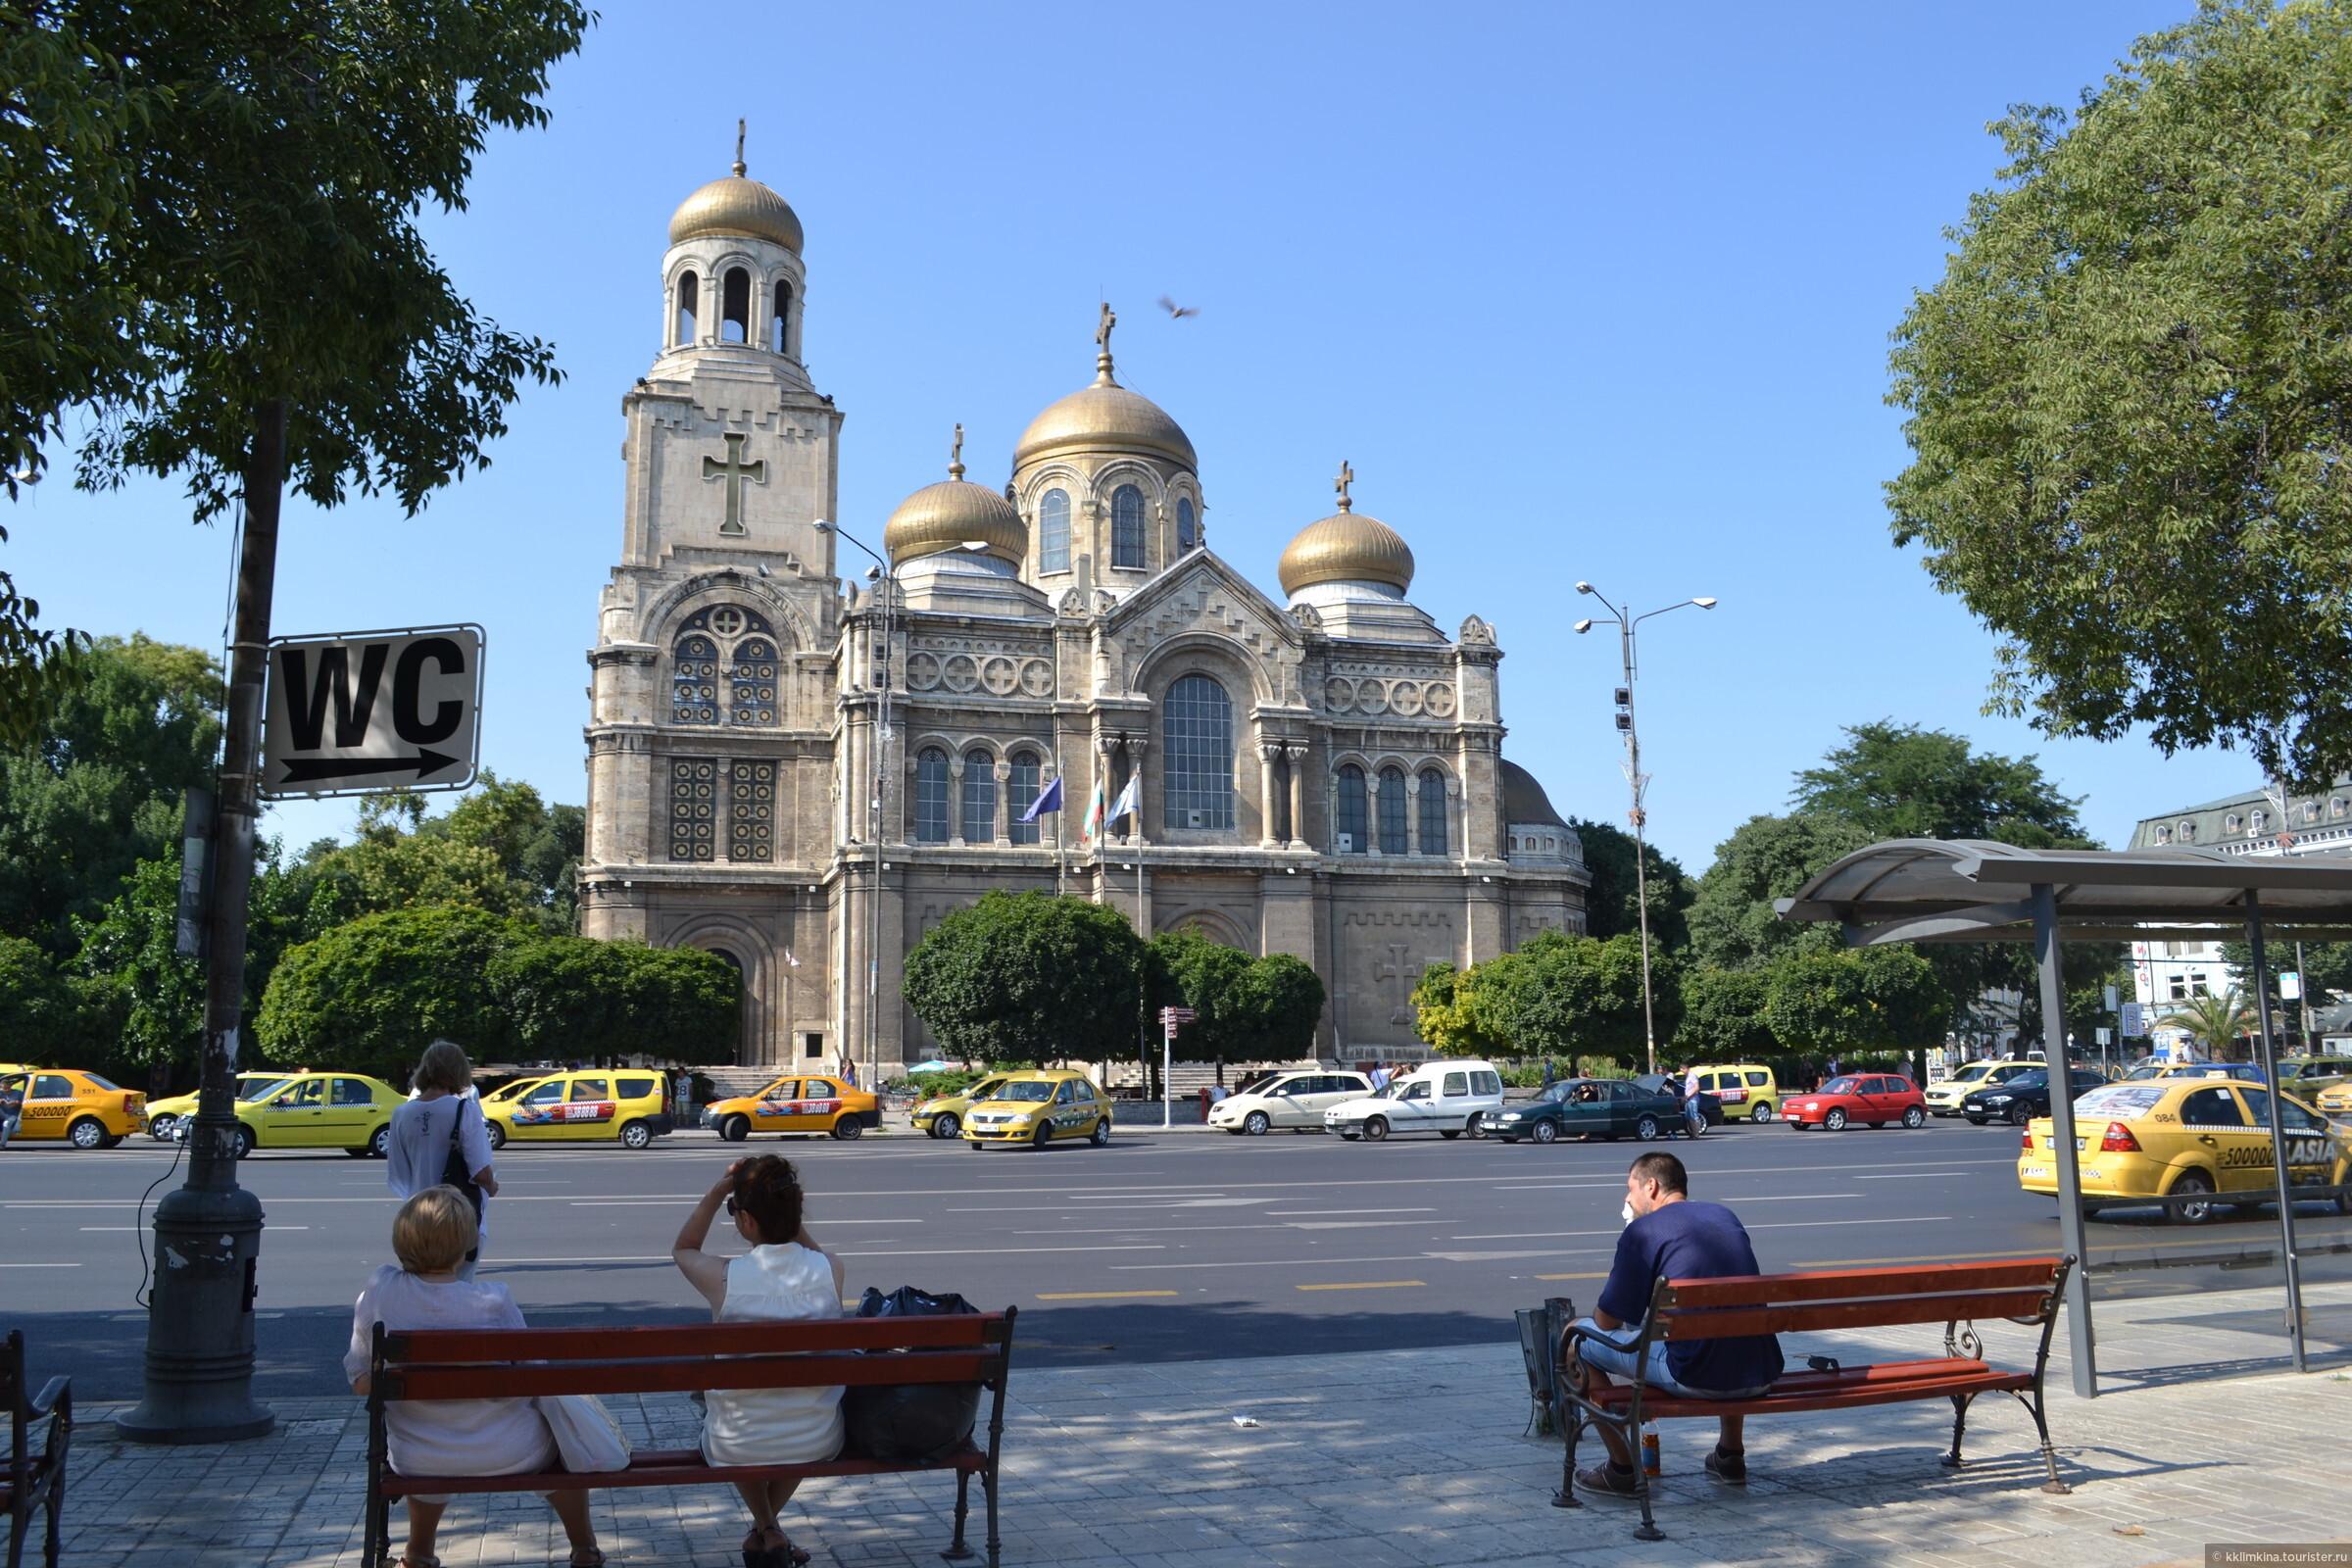 древние болгария варна достопримечательности что посмотреть будут варьироваться зависимости